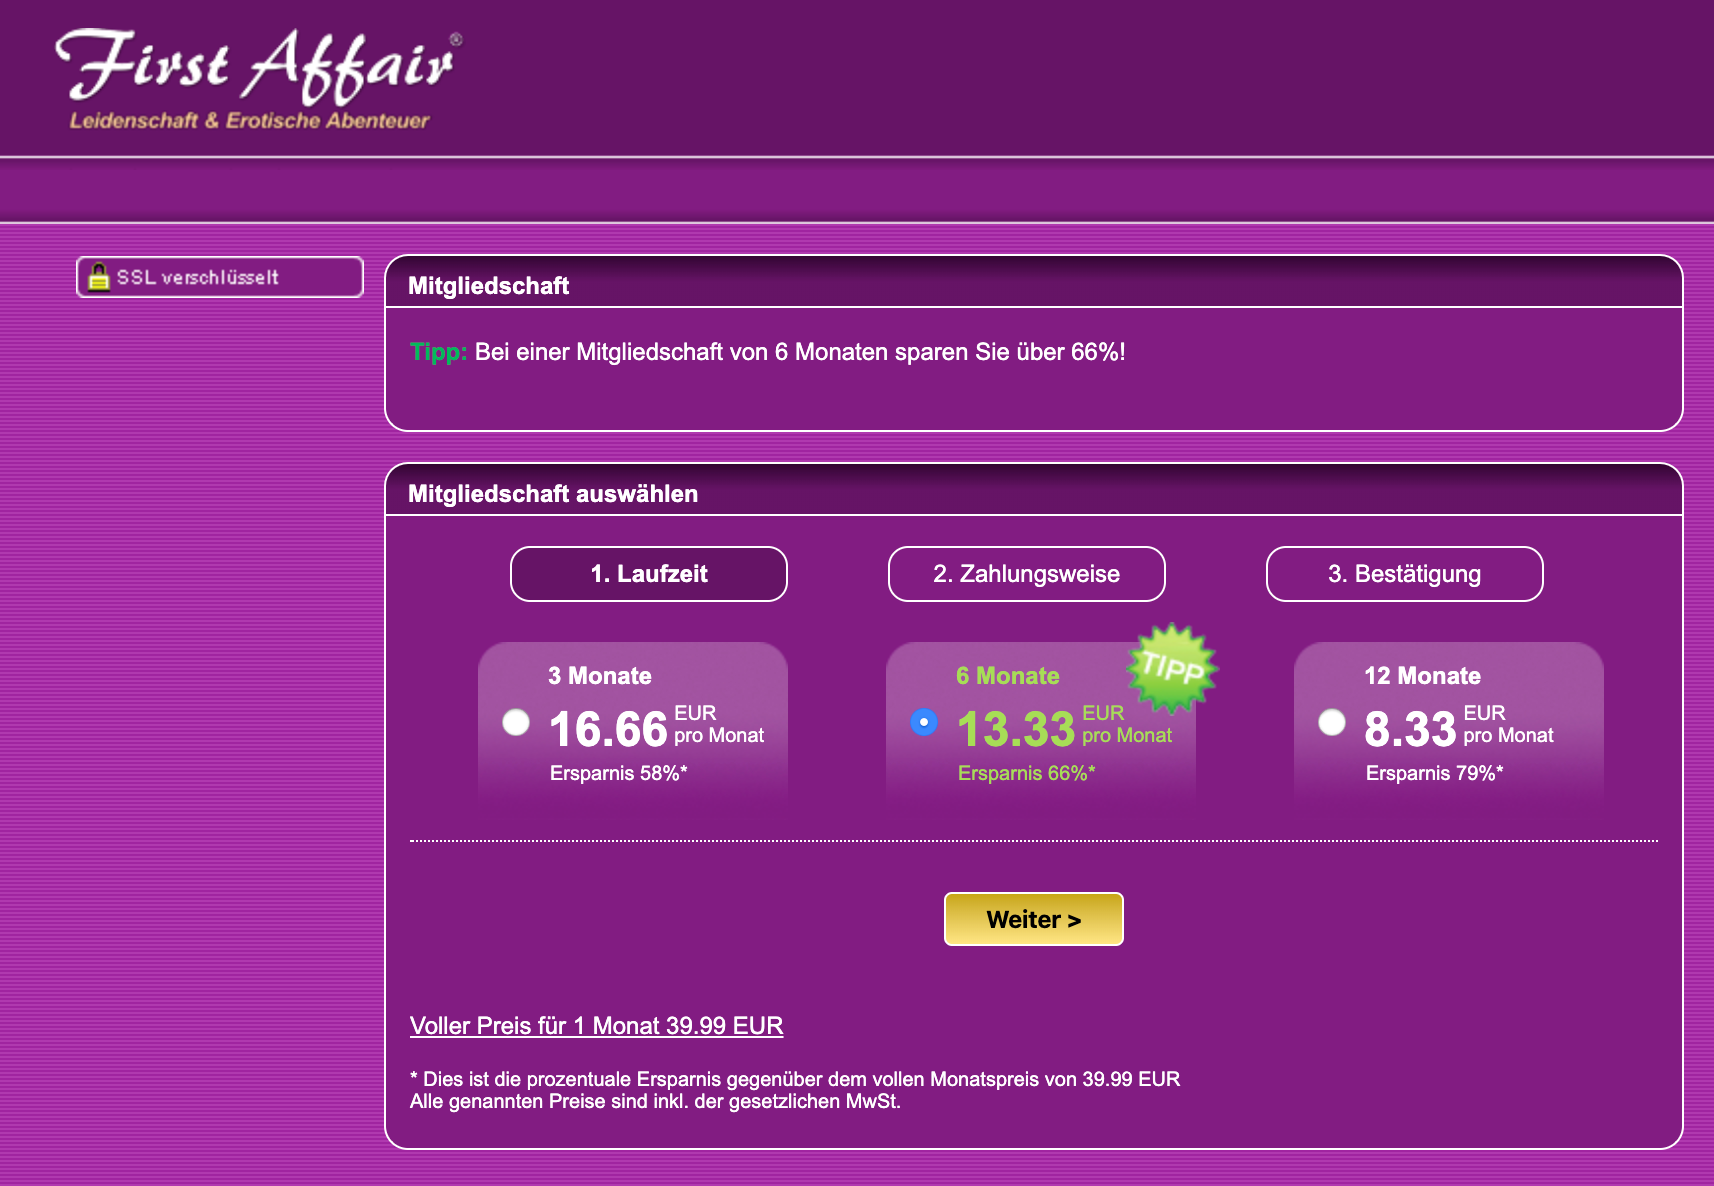 First Affair Kosten im Vergleich - carolinavolksfolks.com